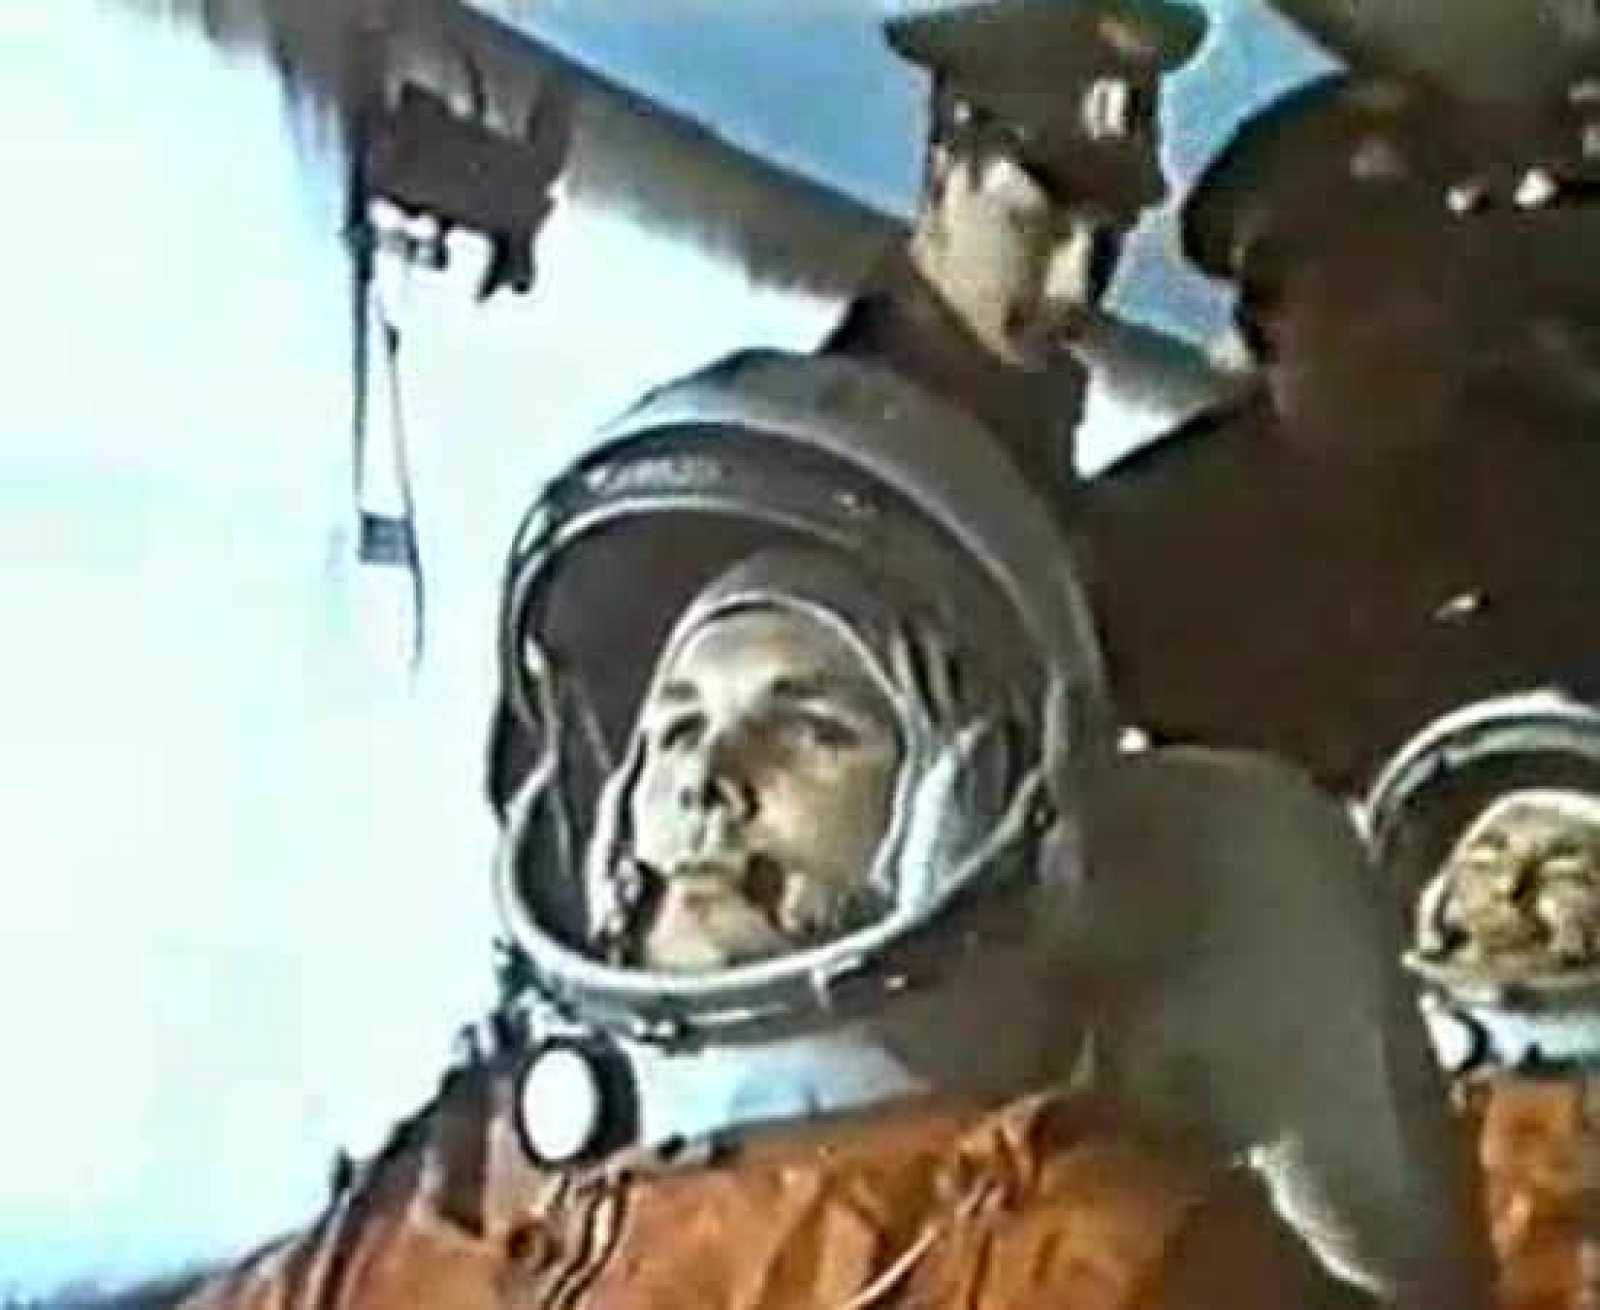 """El 12 de abril de 1961 Yuri Gagarín fue el primer ser humano en viajar al espacio. Gagarin viajó prácticamente """"de paquete"""" en su nave. Las autoridades soviéticas hicieron trampa para que se certificara el vuelo. Fue su único vuelo al espacio."""